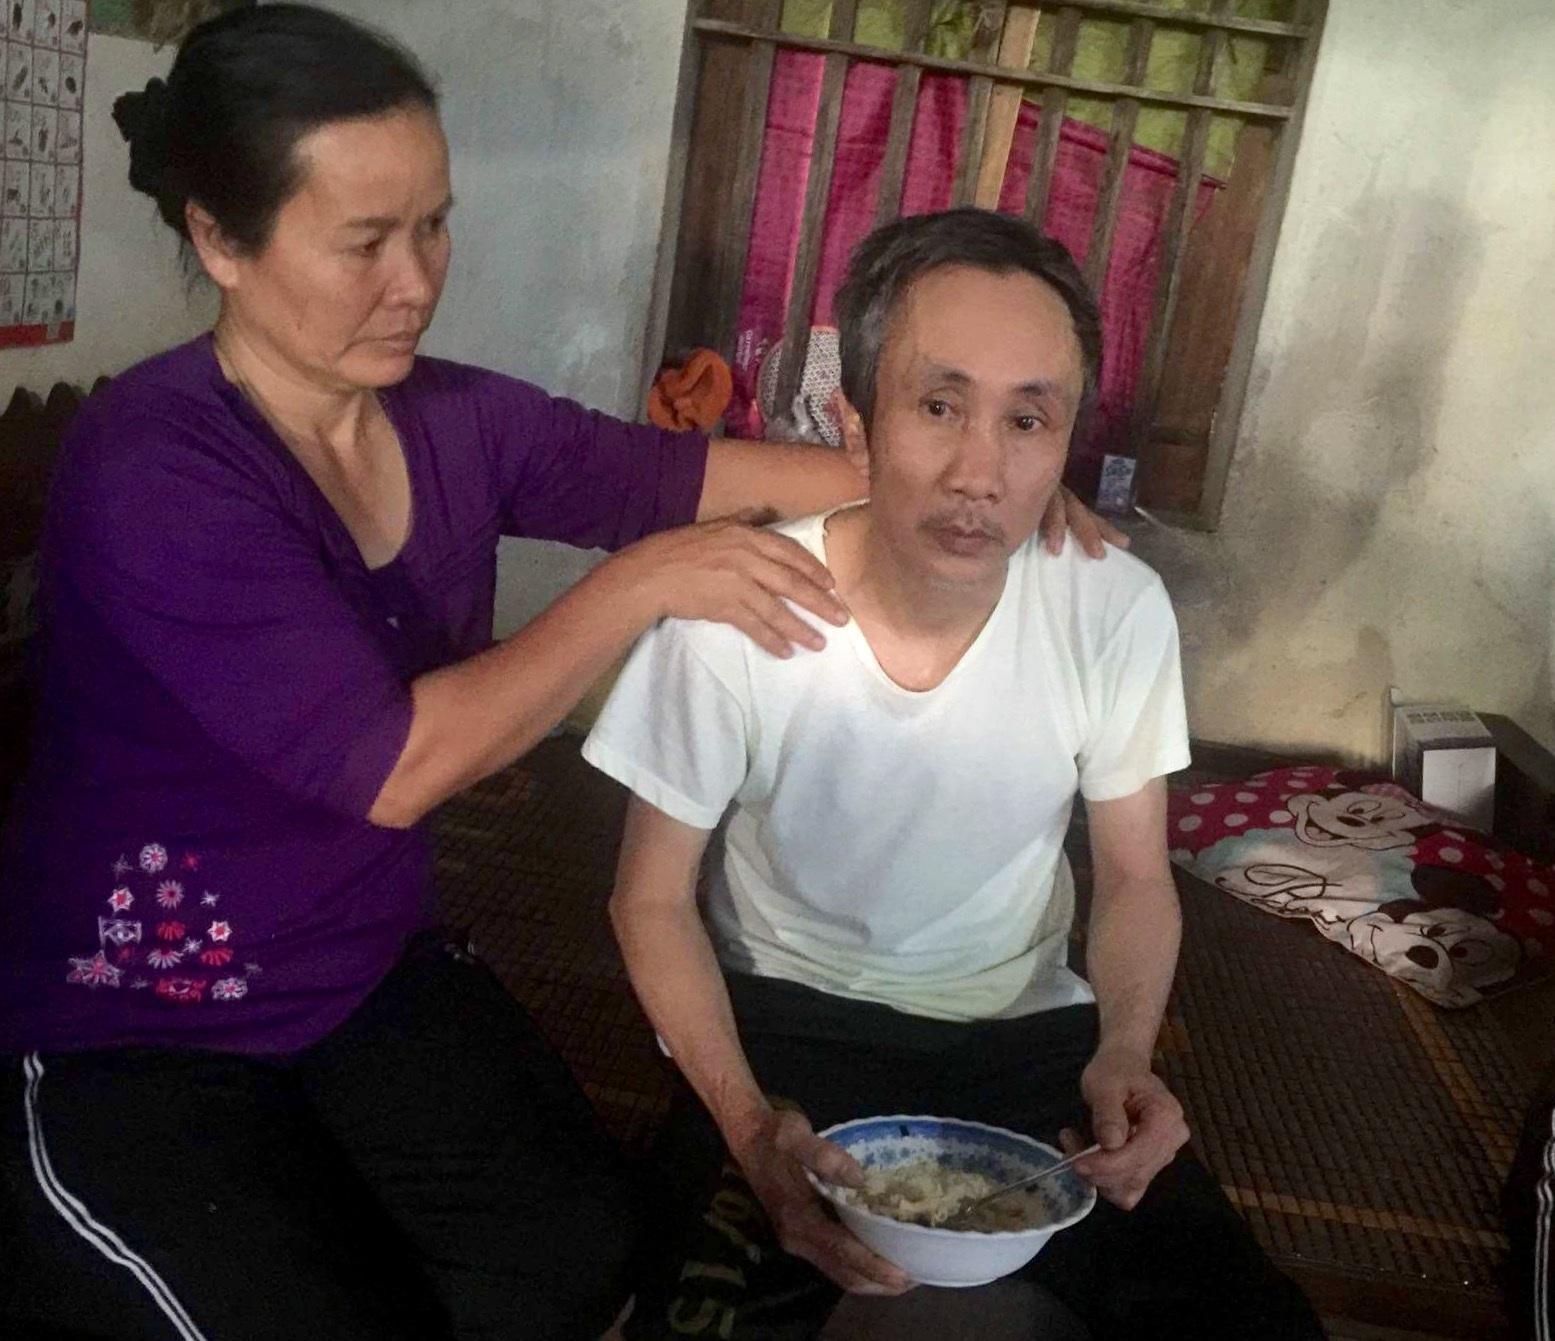 Ông Hàn Đức Long vừa trở về nhà và được vợ chăm sóc sau 11 năm ngồi tù oan (Ảnh: Bá Đoàn)